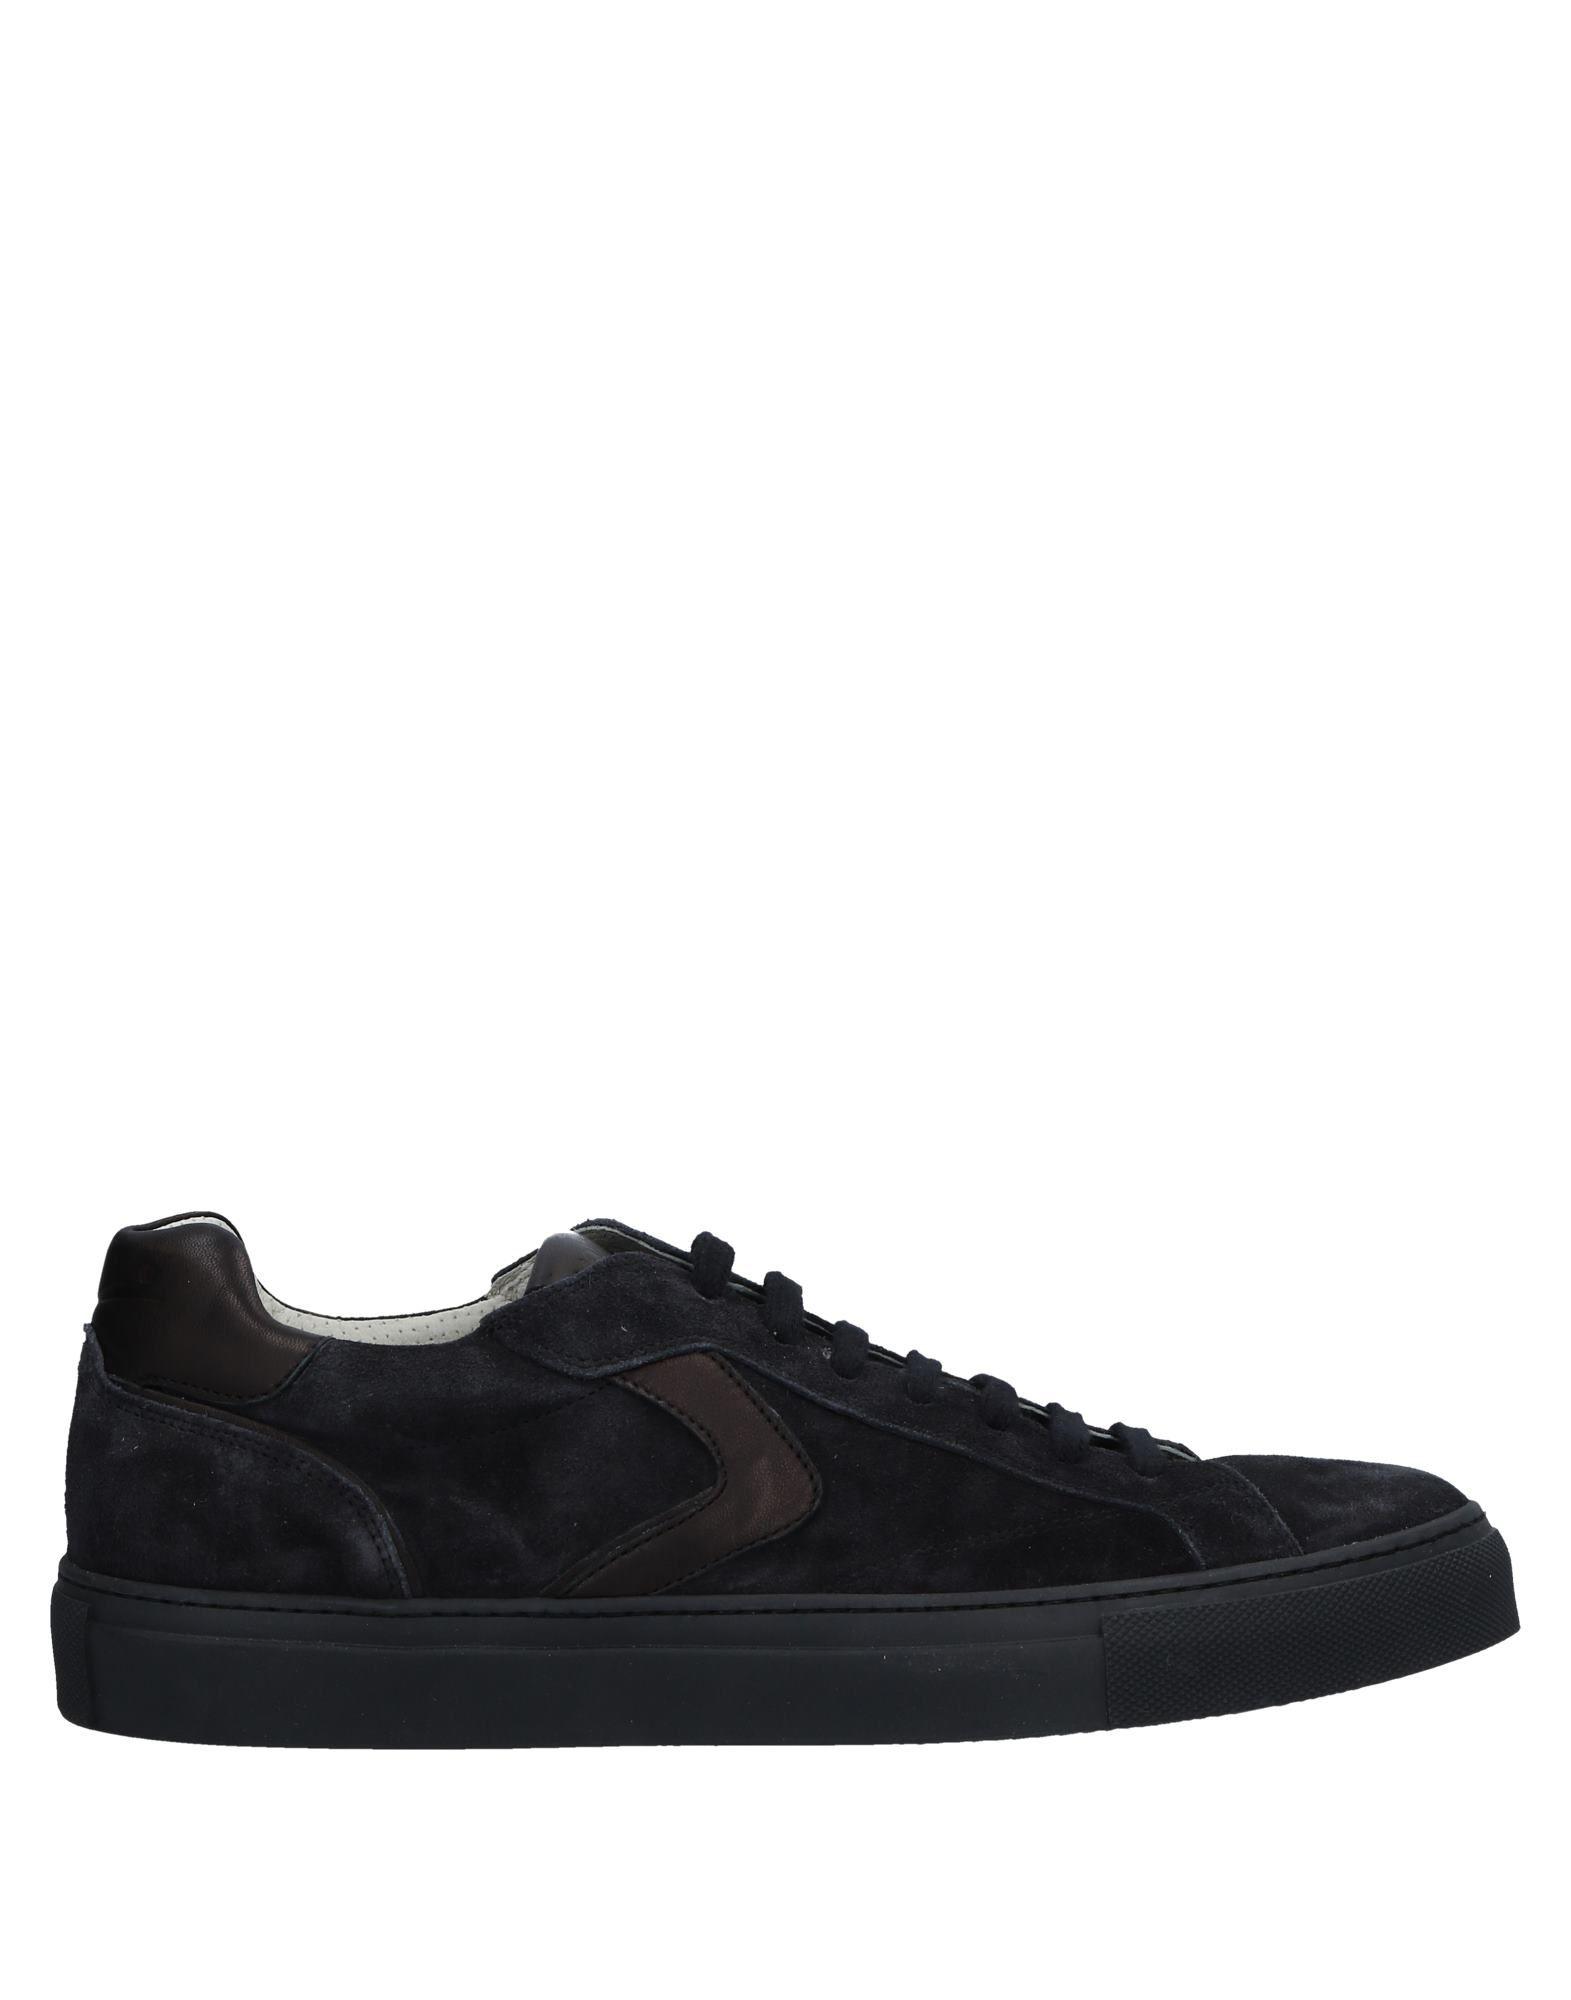 Voile Blanche Sneakers Herren  11534692FM Gute Qualität beliebte Schuhe